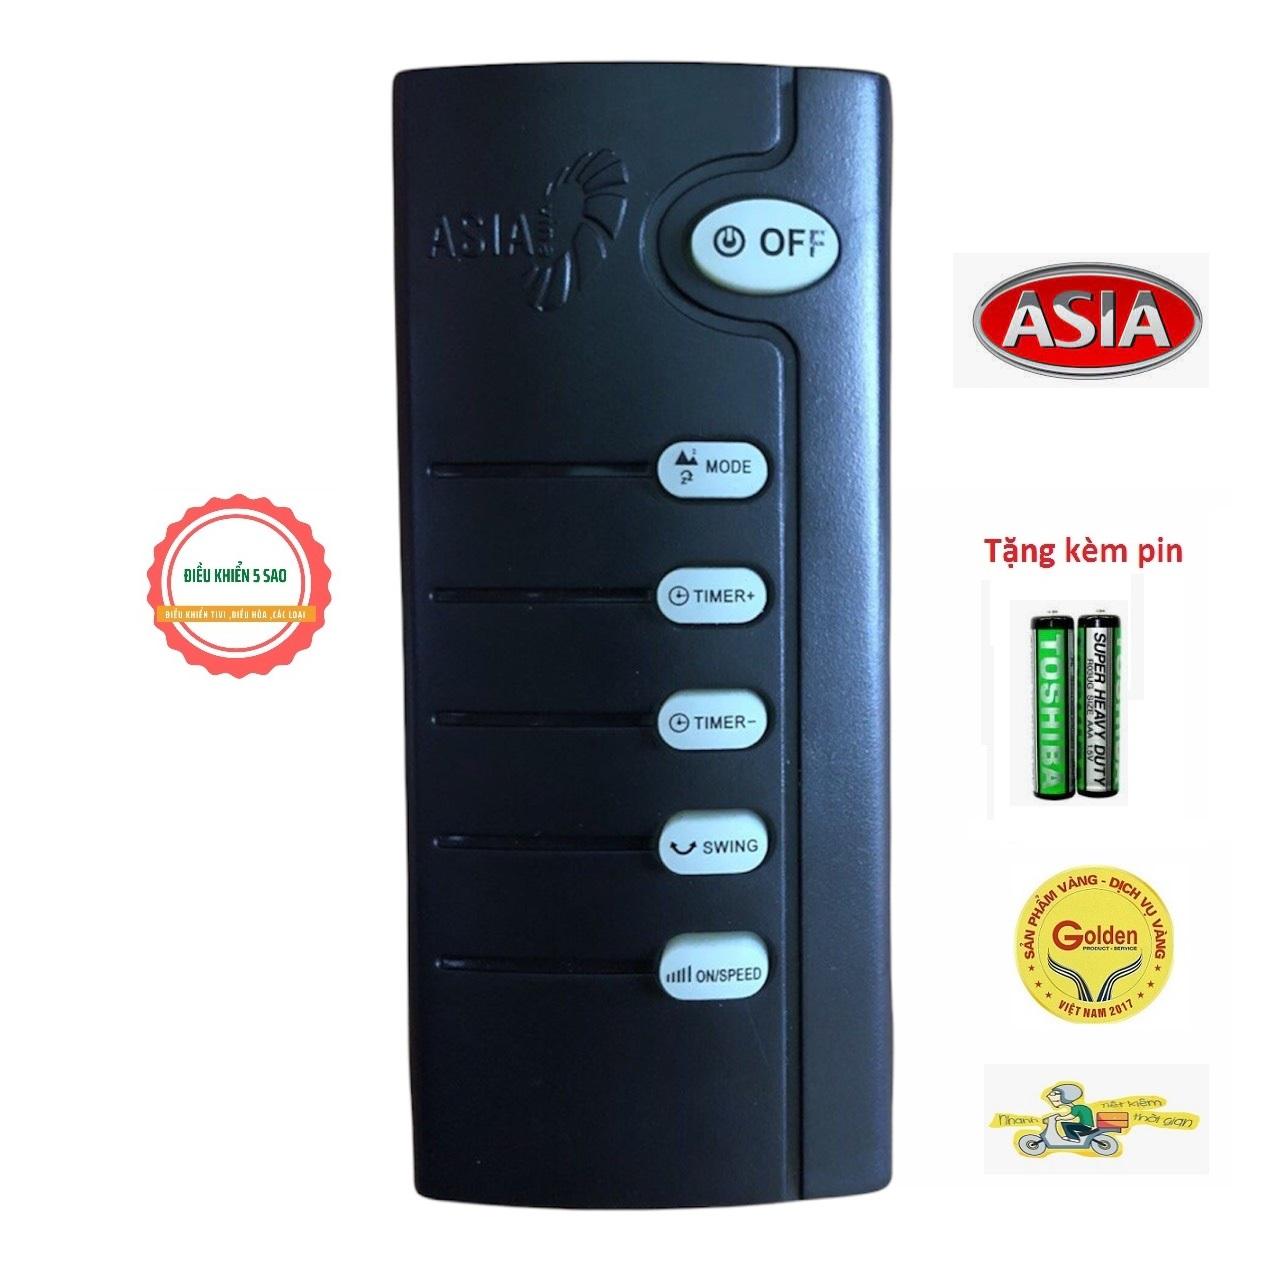 Điều khiển quạt ASIA màu đen chính hãng - tặng kèm pin - Remote ASIA - Remote quạt ASIA chính hãng nhà máy sản xuất -Có bảo hành